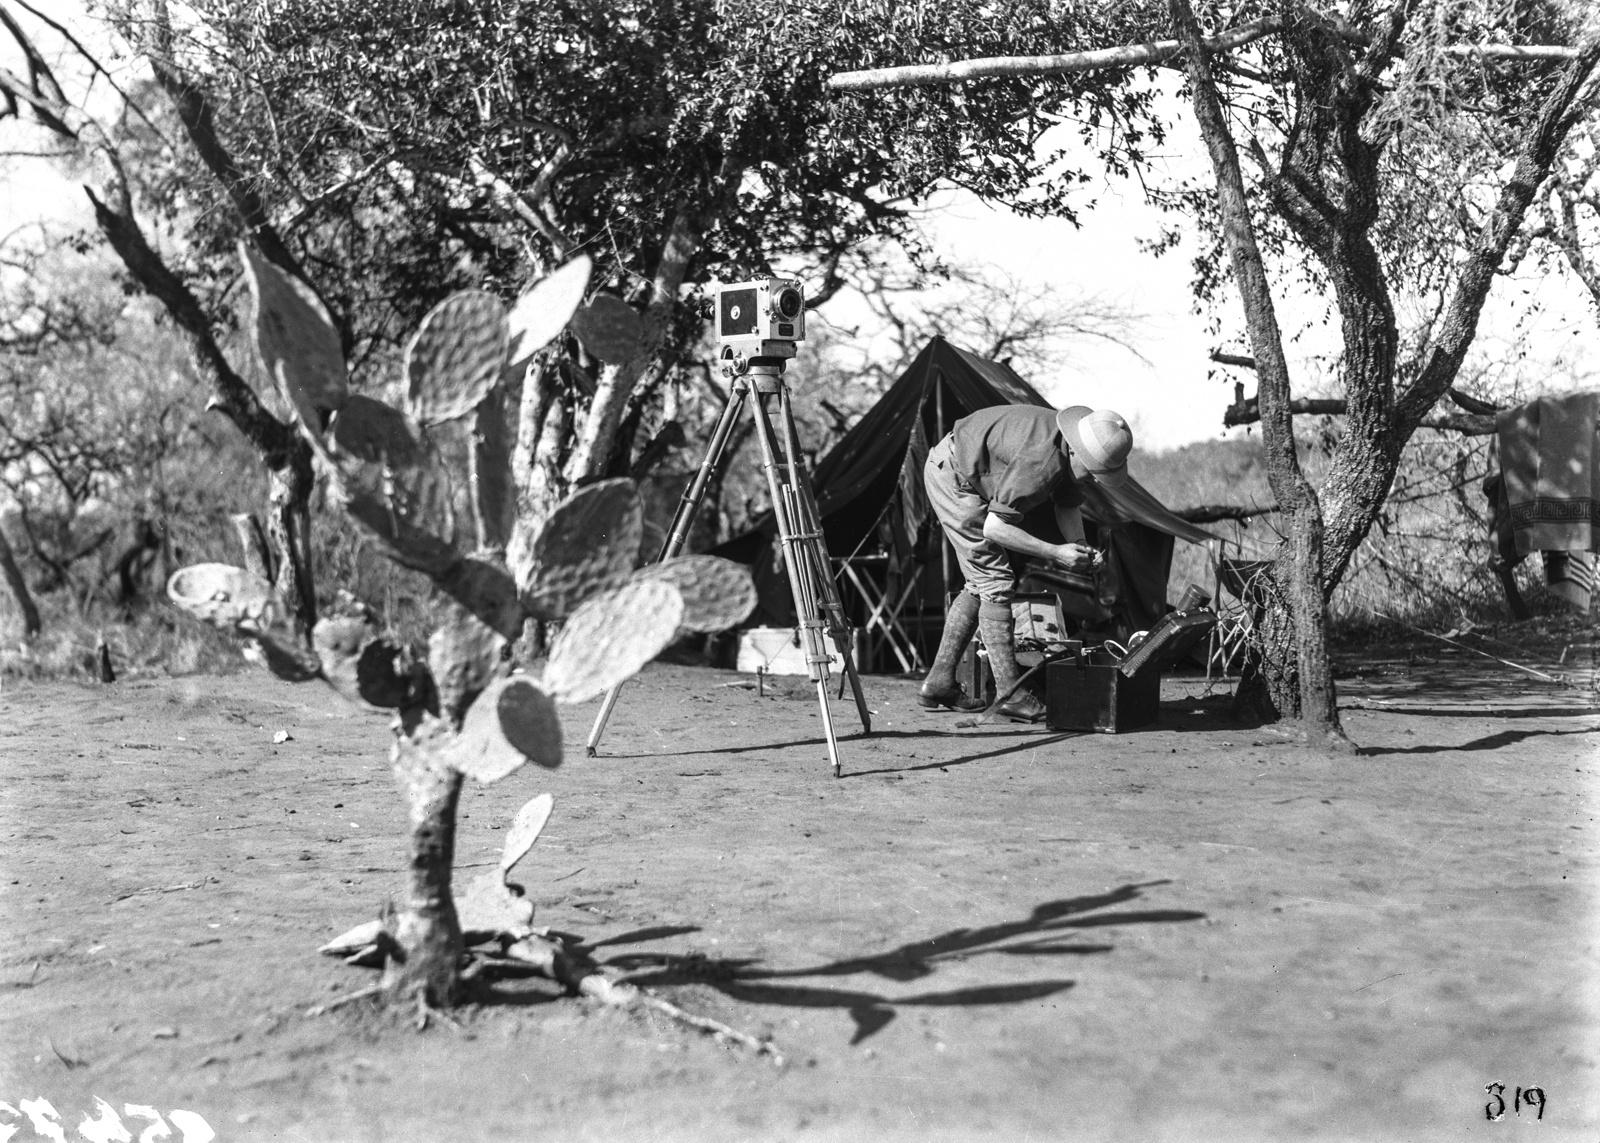 Южно-Африканский Союз. Квазулу-Наталь. Участник экспедиции в лагере возится с камерой